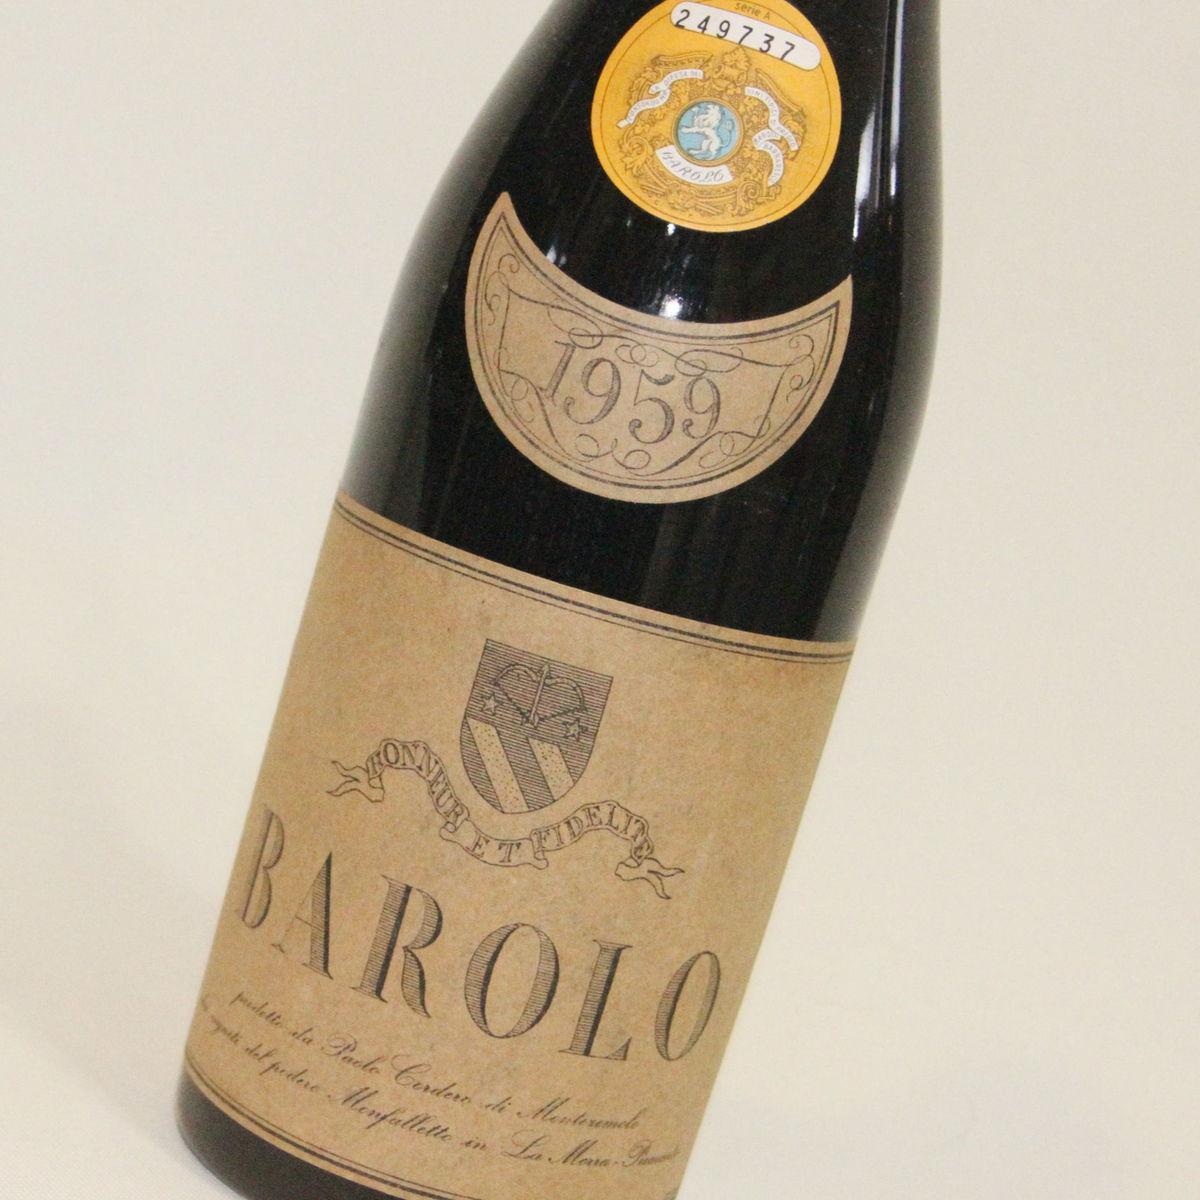 【1959年】バローロ モンファレット コルデロ・ディ・モンテツェモロ Barolo Momfalletto Cordero Montezemolo イタリア ピエモンテ州 赤ワイン ネッビオーロ100% 750ml